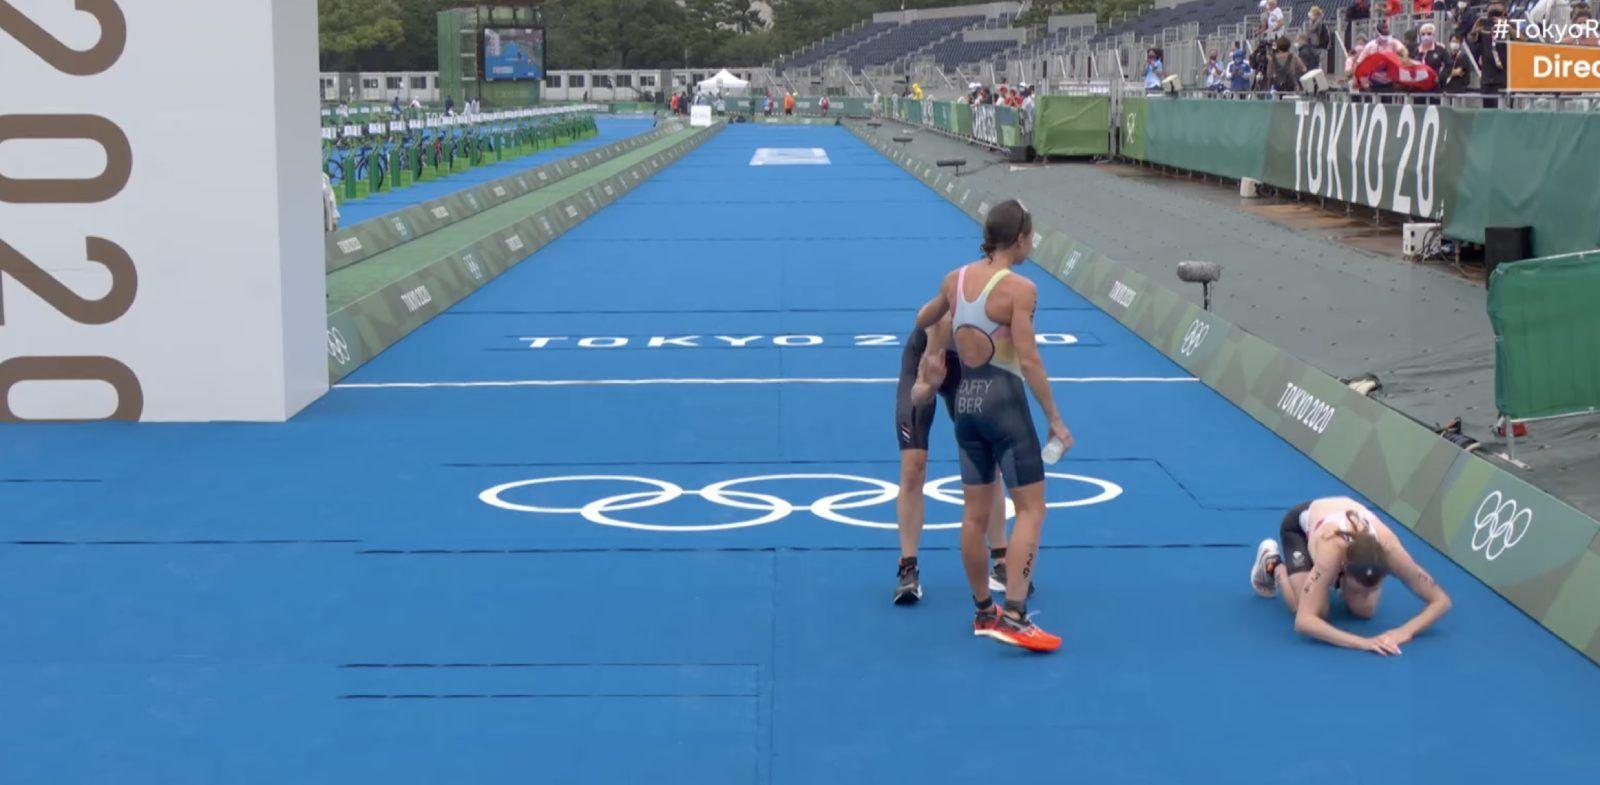 zapatillas running triatlon femenino tokio 2020